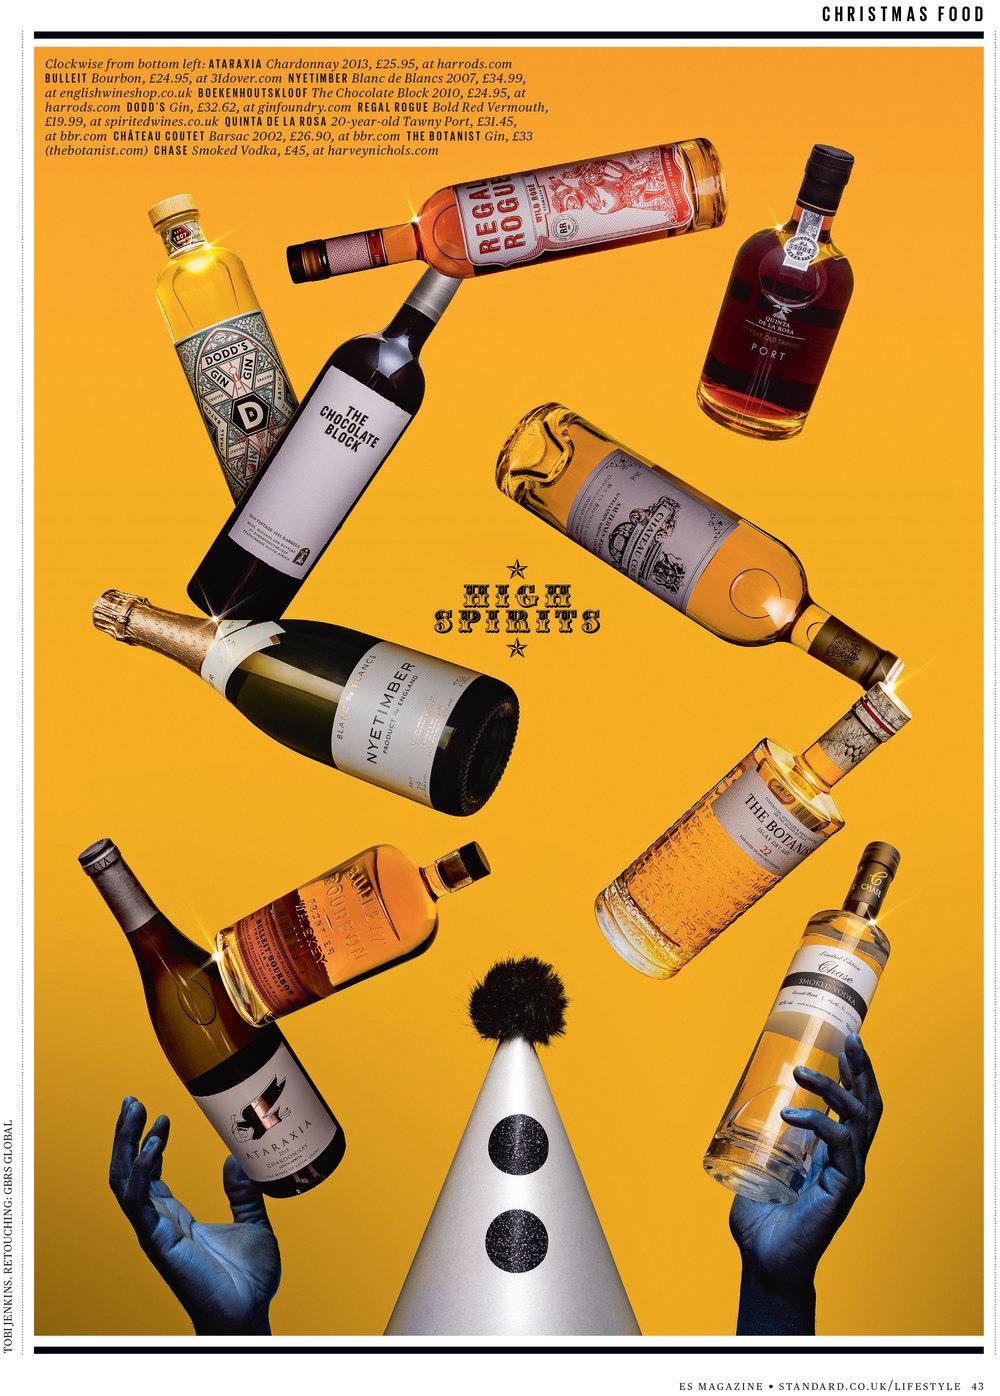 PDFSET-bottles.jpg